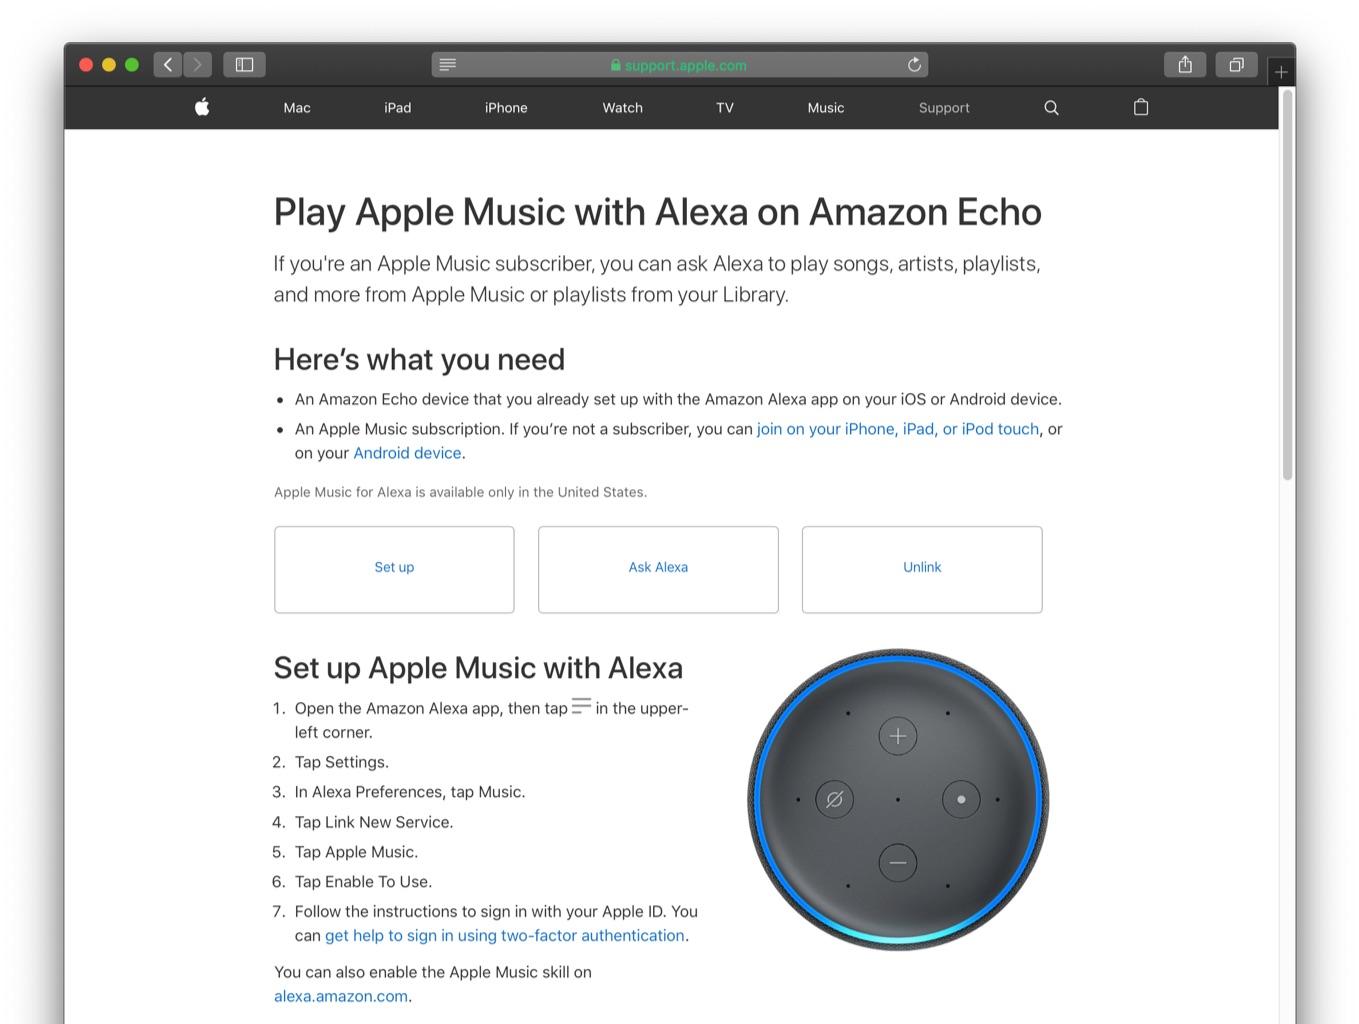 Play Apple Music with Alexa on Amazon Echo